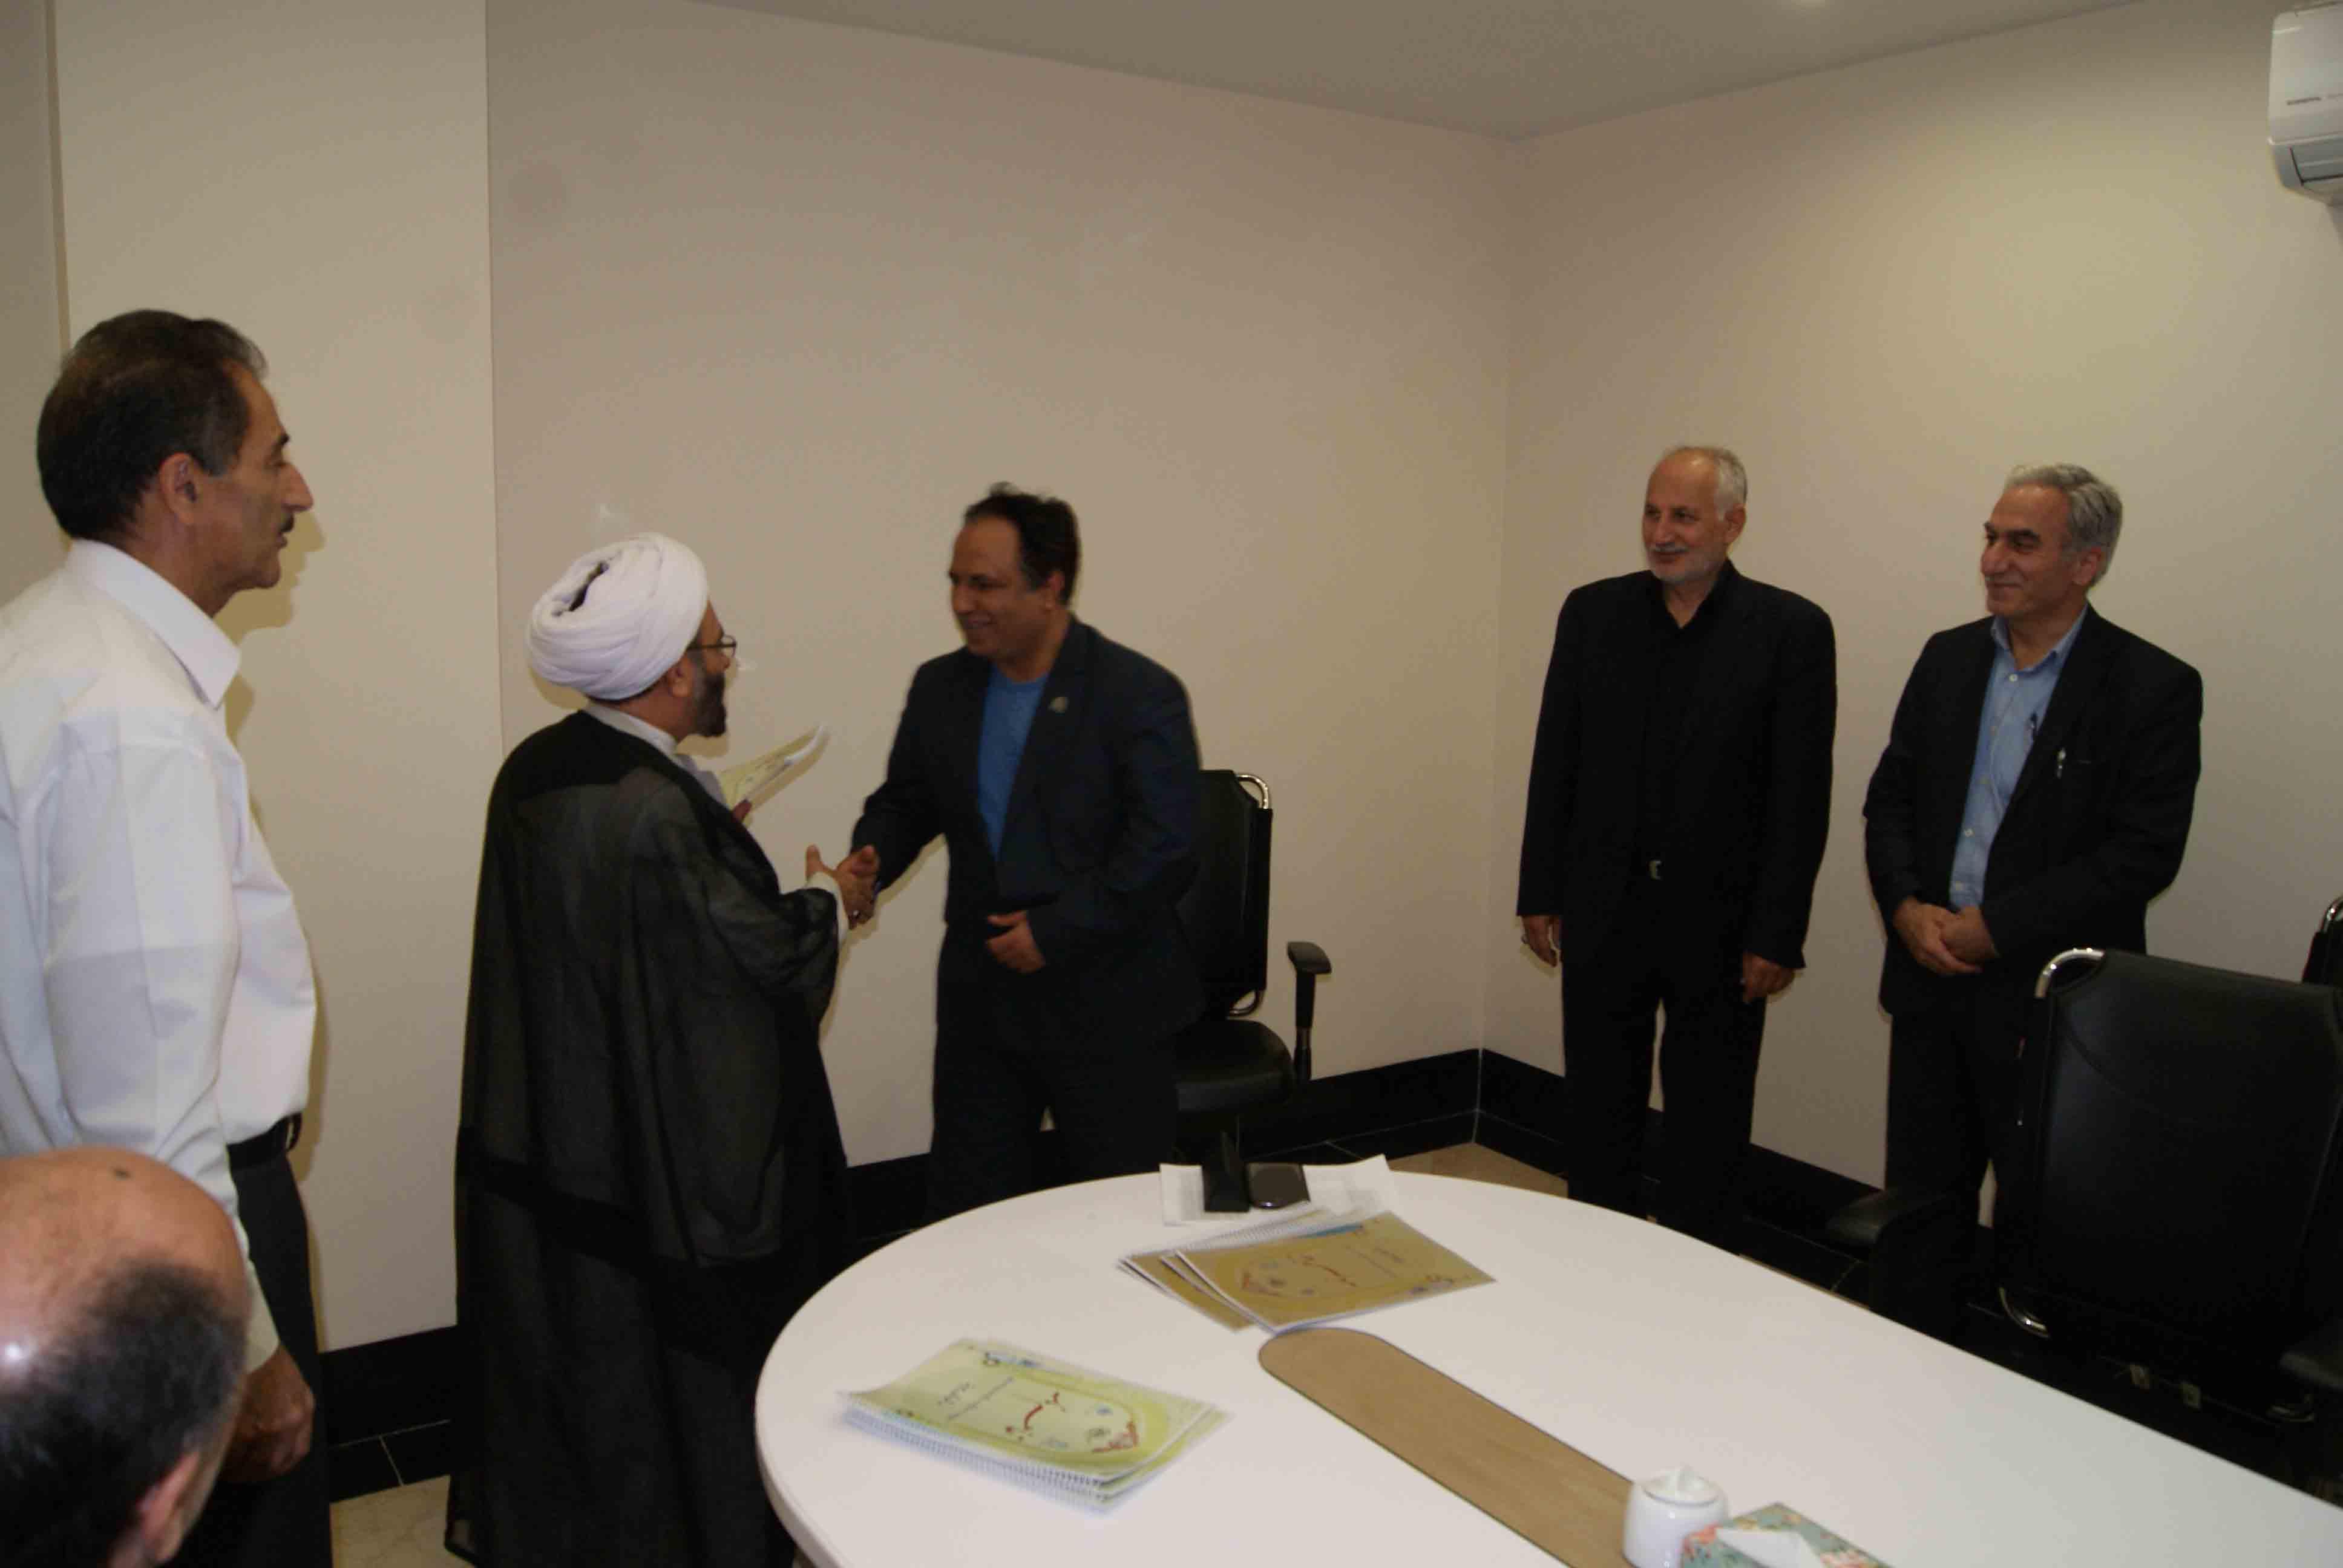 انعقاد تفاهم نامه احداث مرکز خدمات جامع سلامت شهری در شهرستان بیرجند